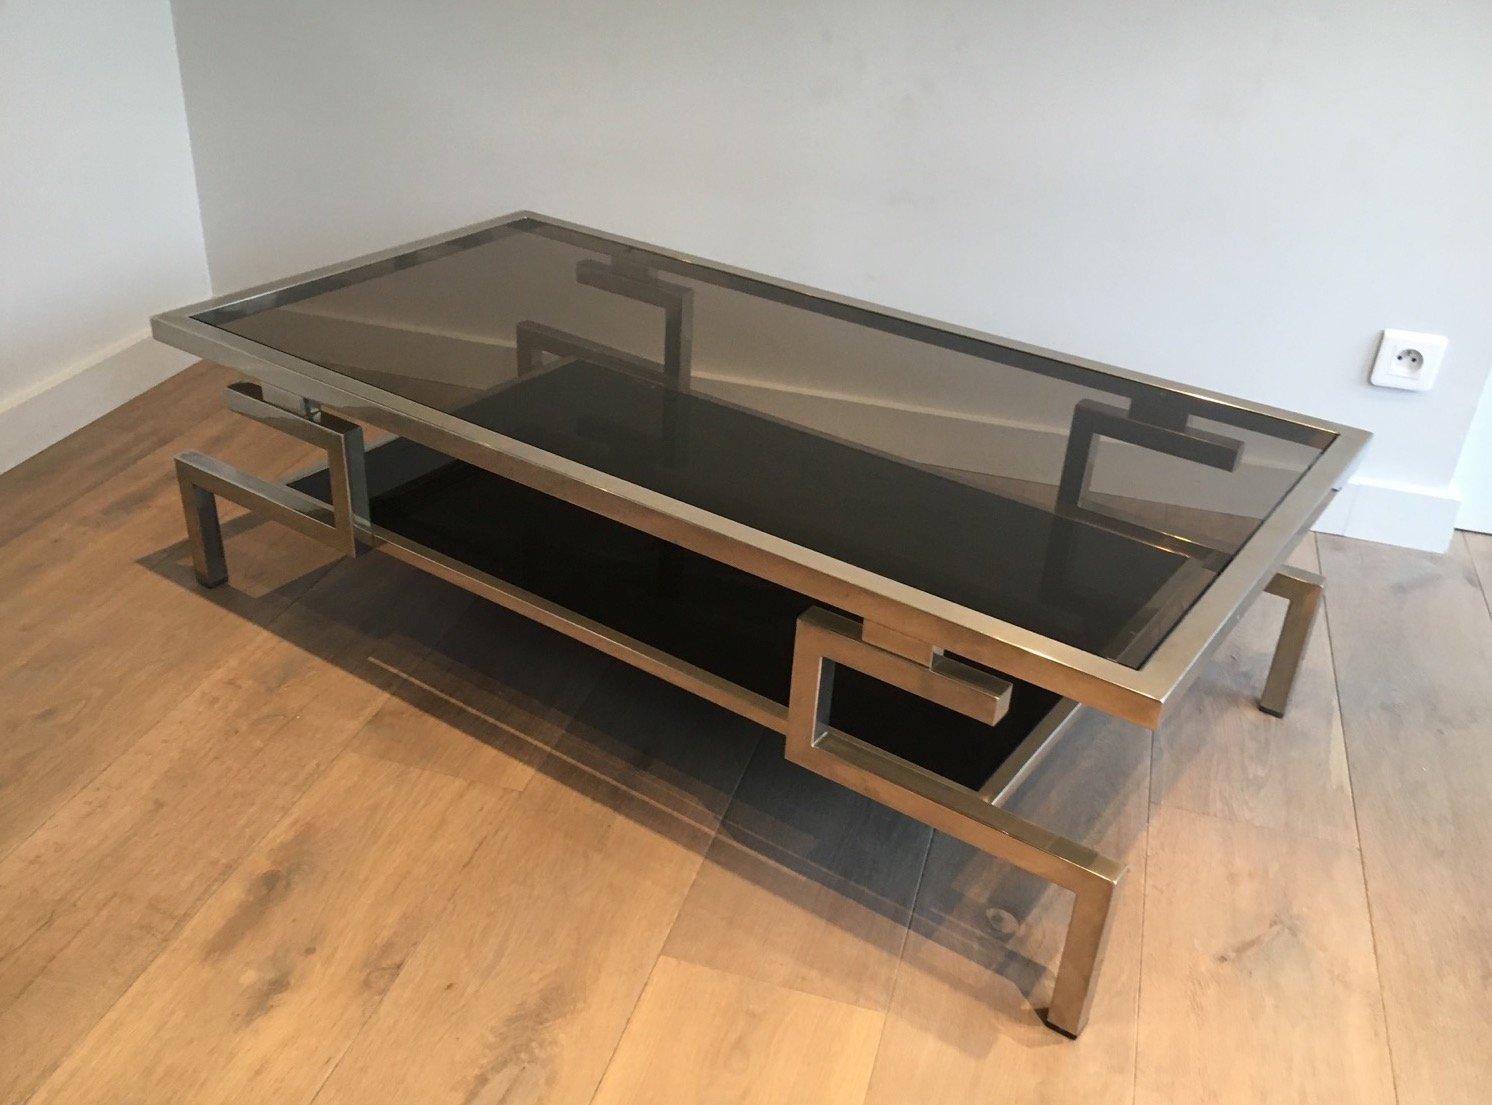 table basse moderniste en chrome 1970s en vente sur pamono. Black Bedroom Furniture Sets. Home Design Ideas